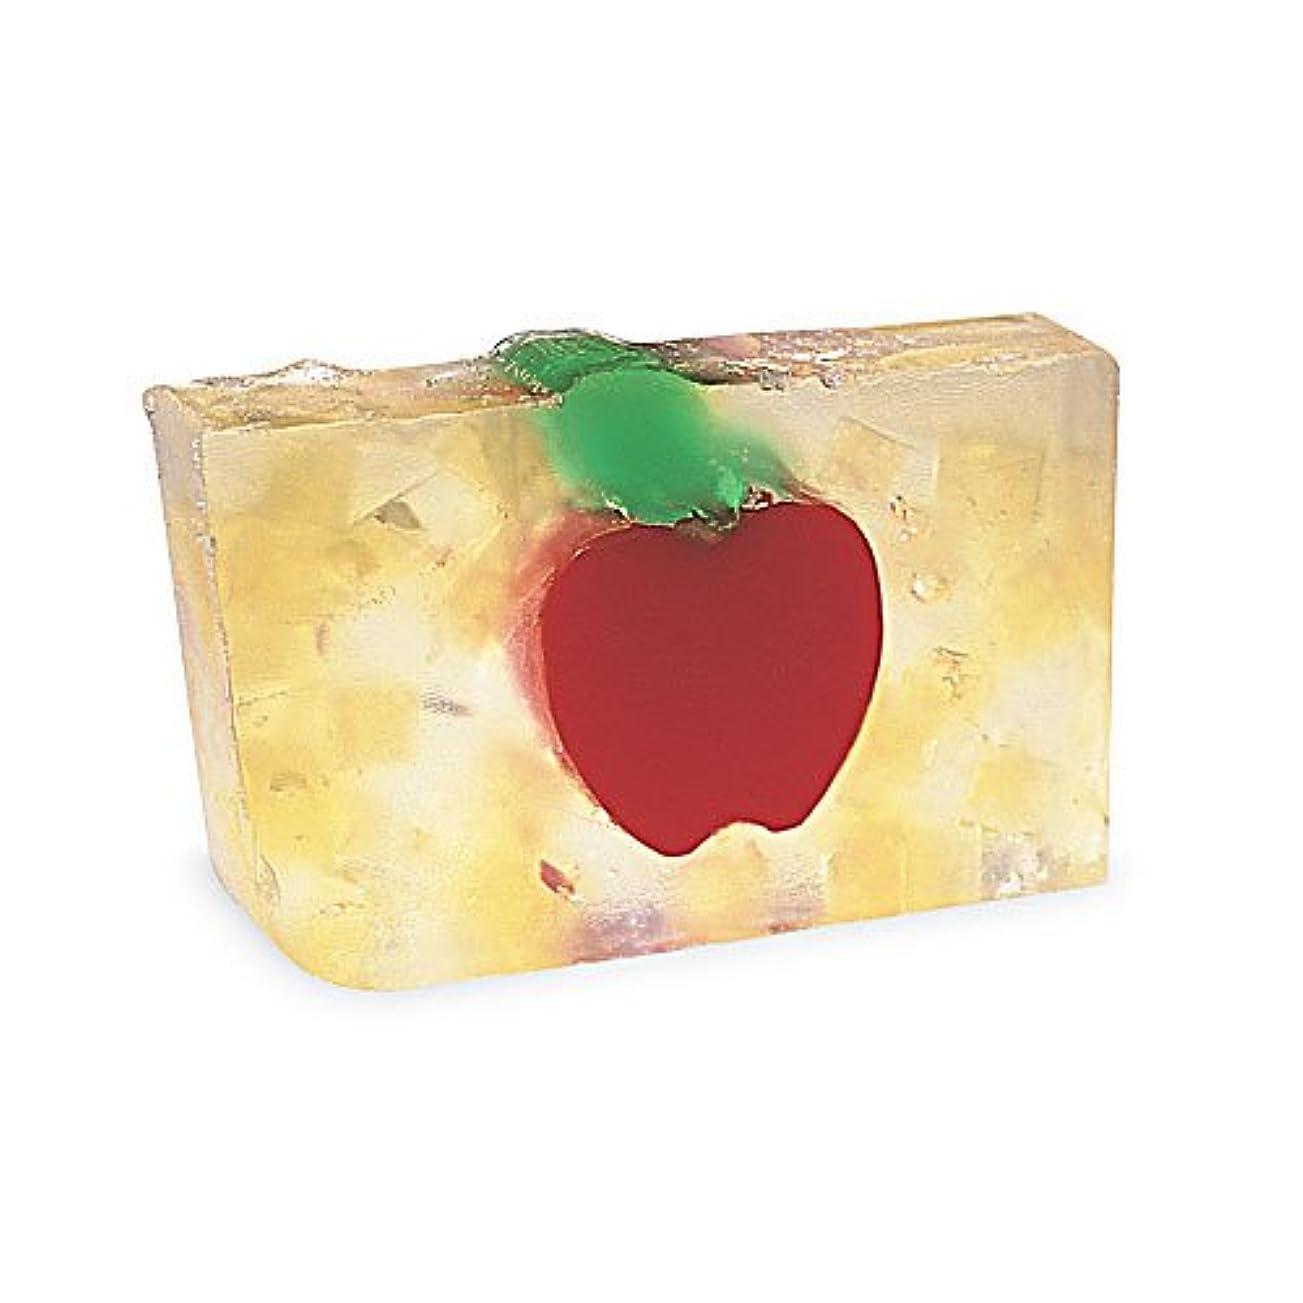 信号癌支店プライモールエレメンツ アロマティック ソープ ビッグアップル 180g 植物性 ナチュラル 石鹸 無添加